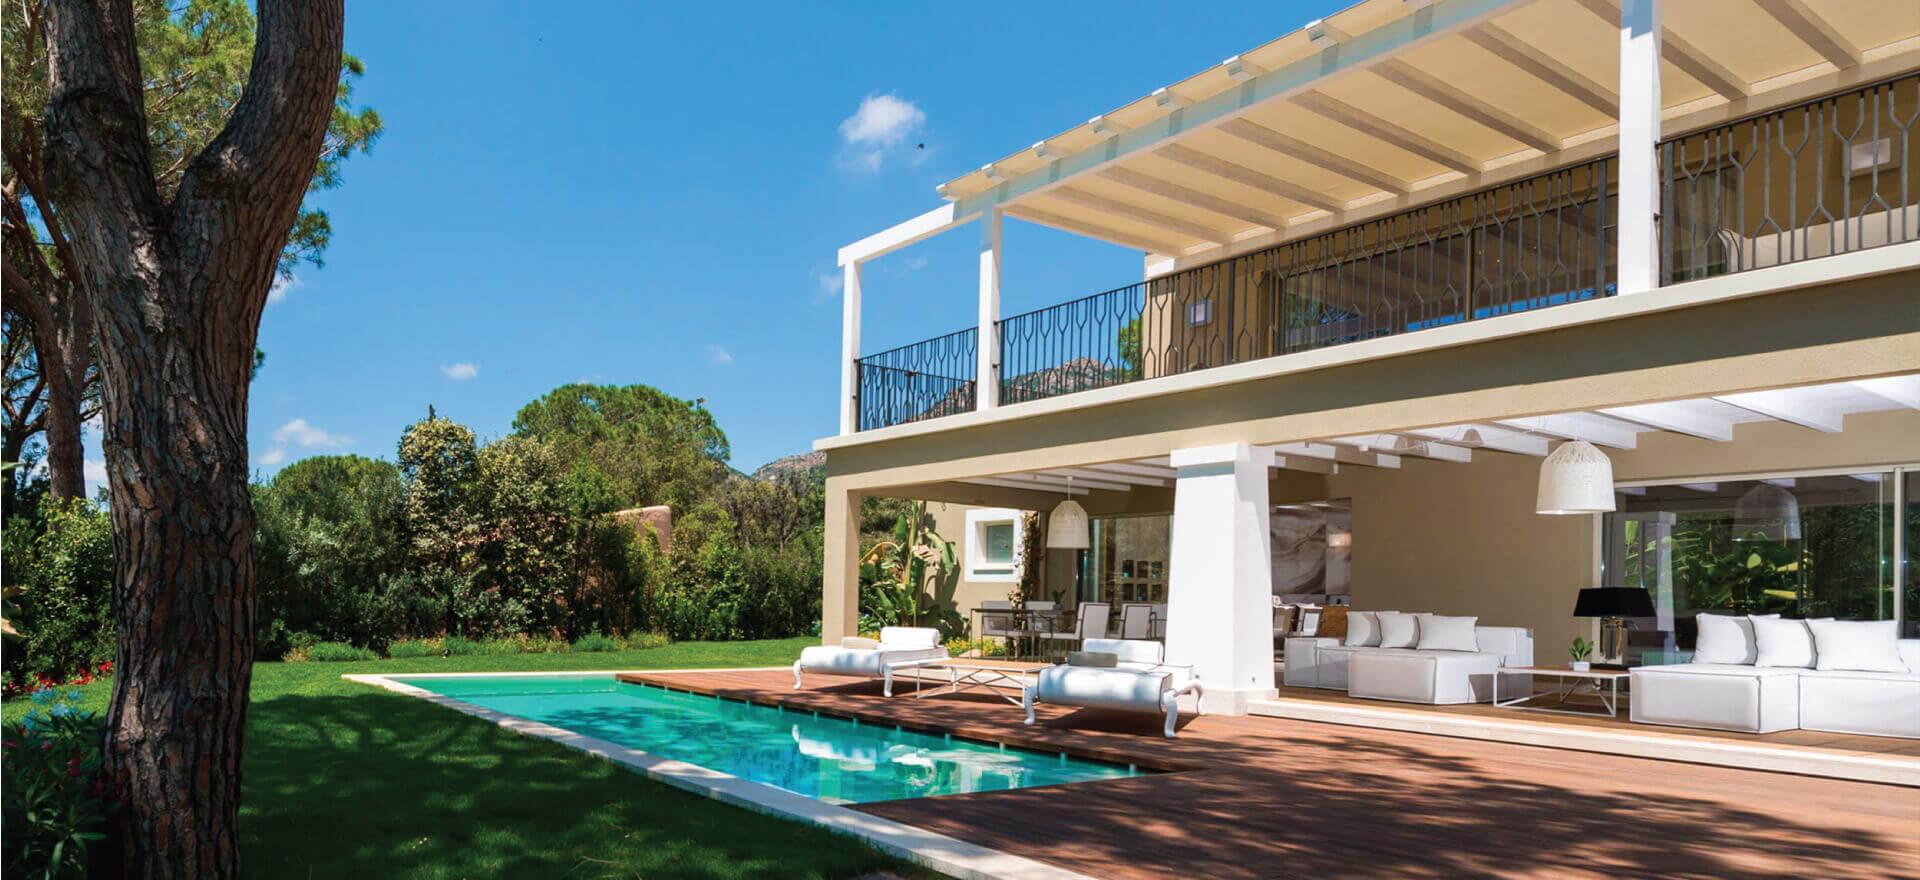 Agenzia immobiliare affitto vendita a colleferro e roma - Progetto casa roma ...